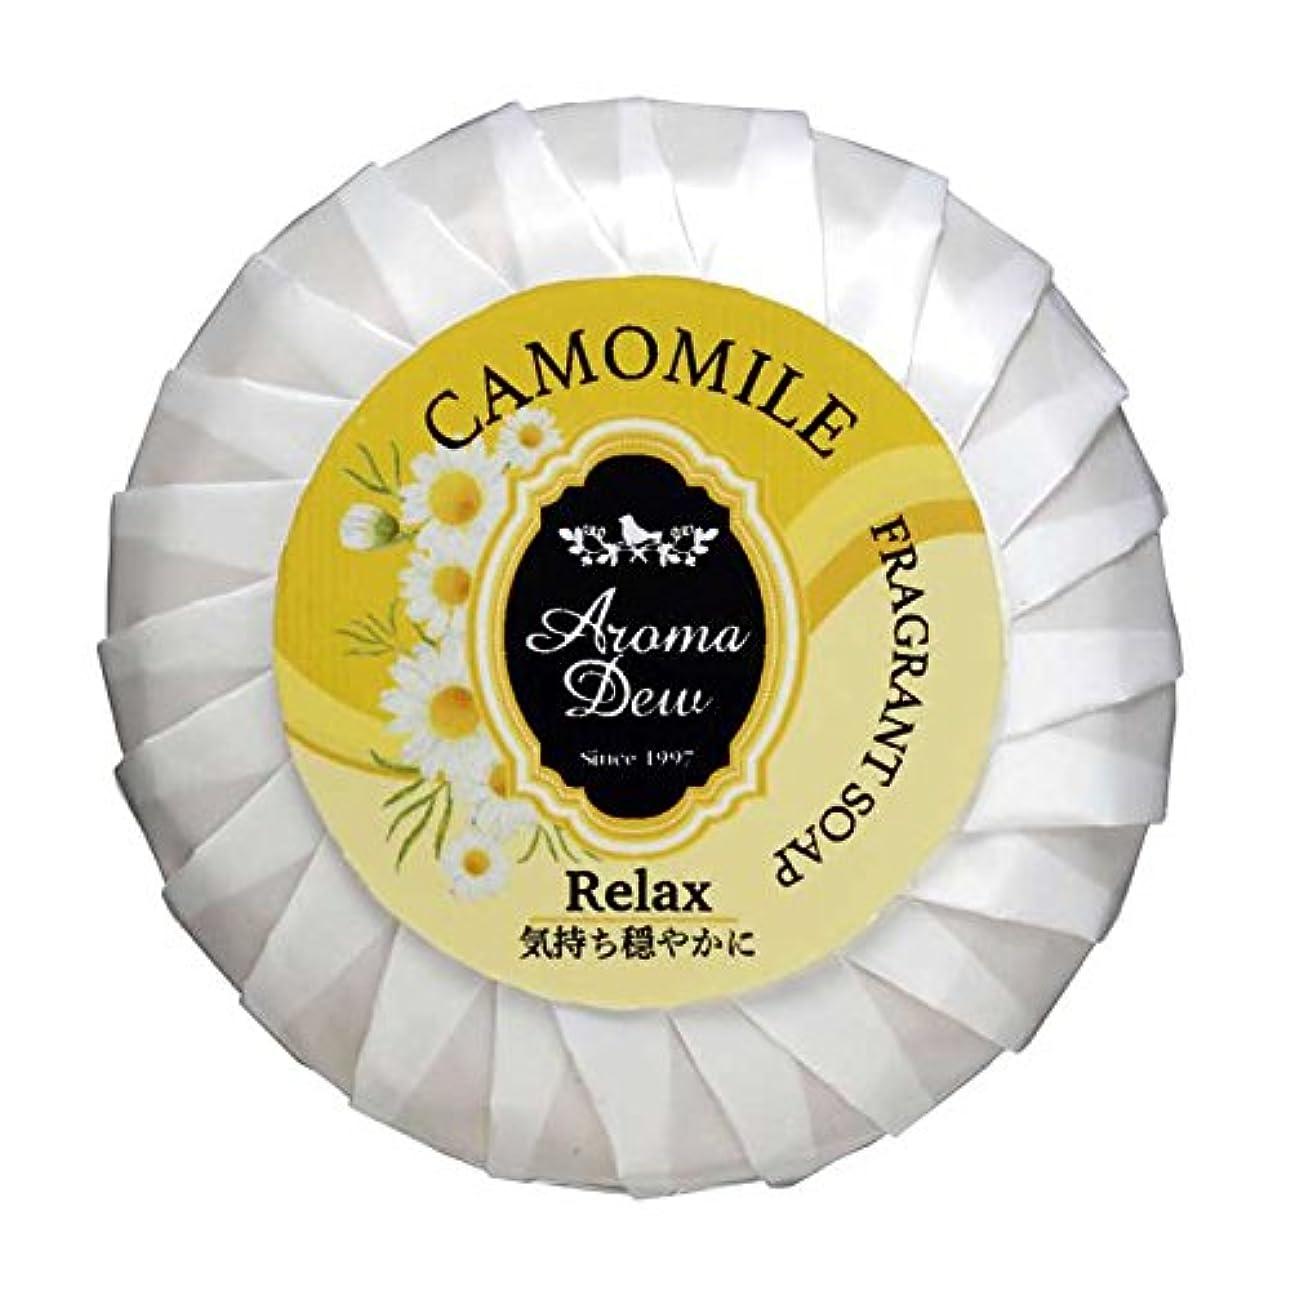 暗記するネコガウンアロマデュウ フレグラントソープ カモミールの香り 100g